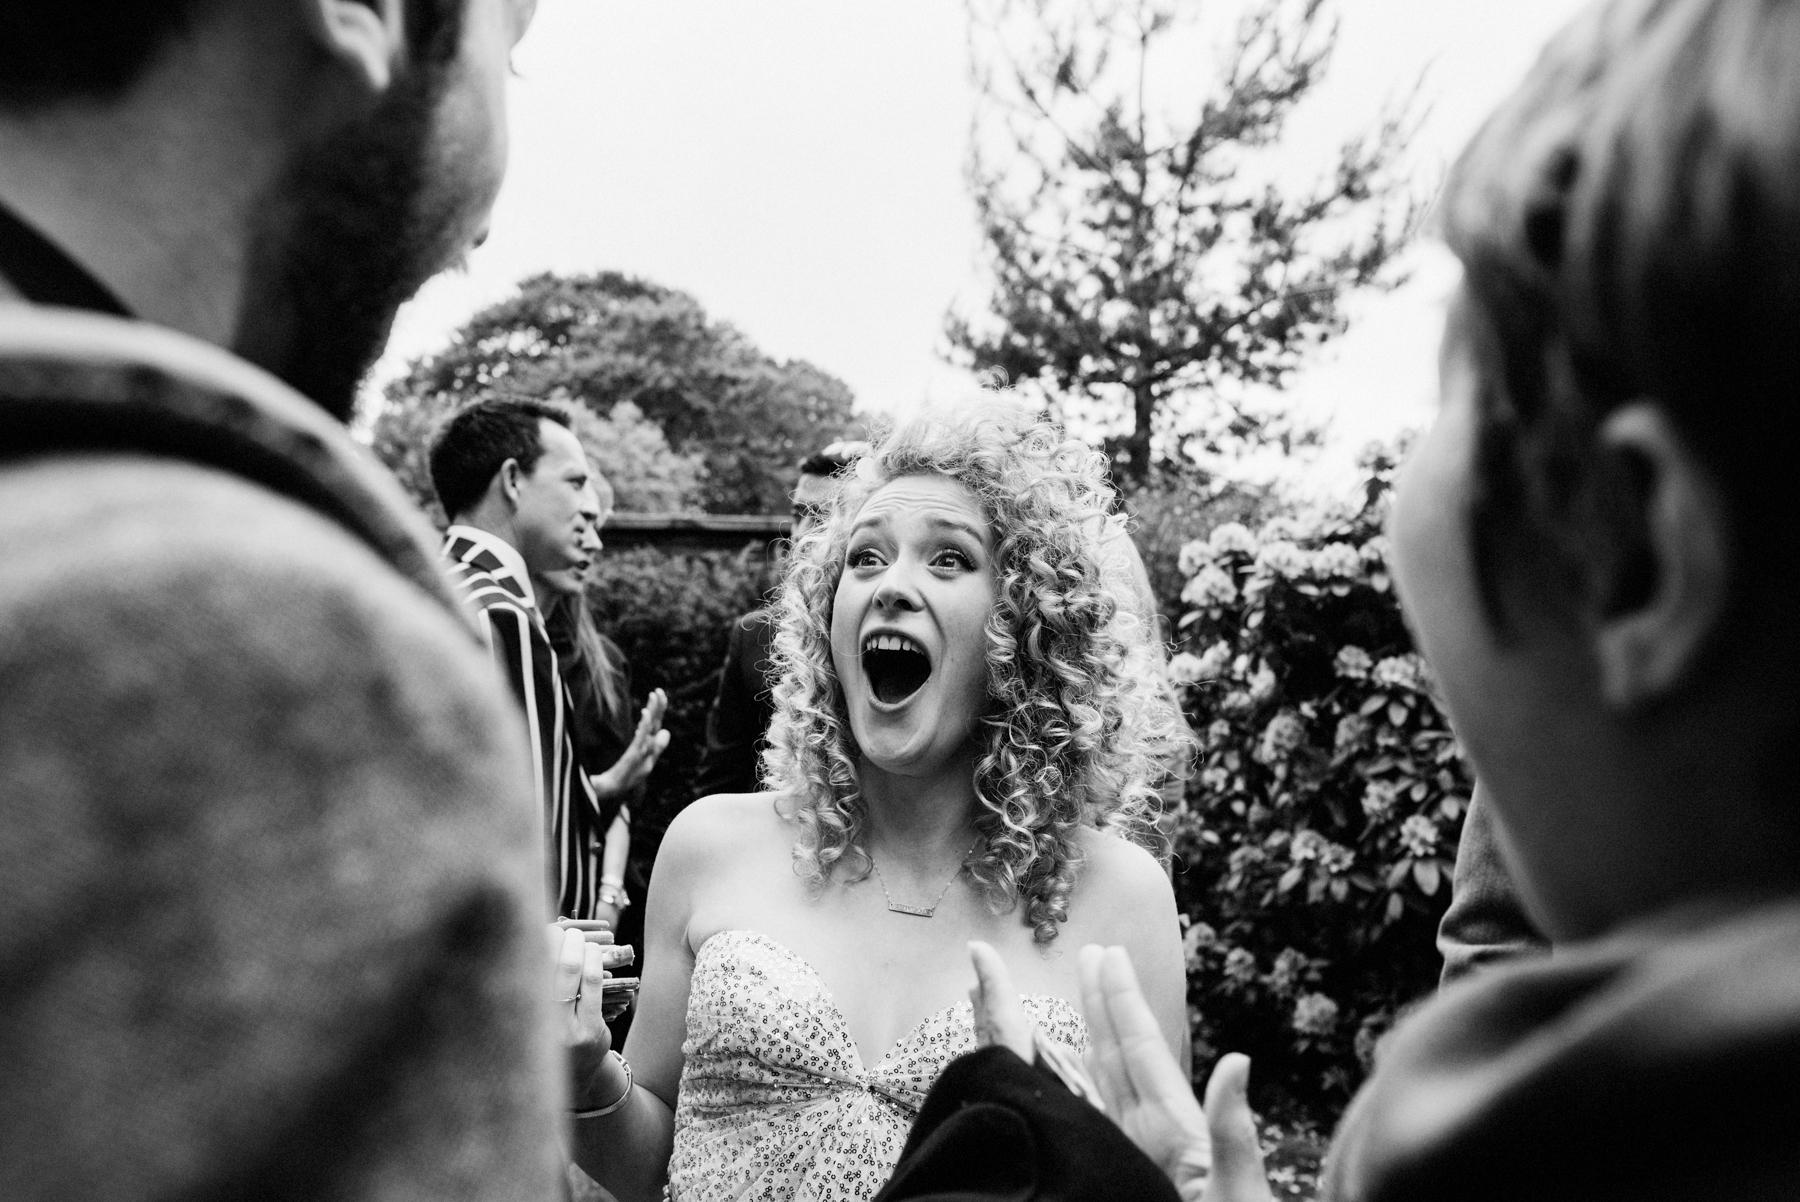 Sarah Seven bride ecstatic